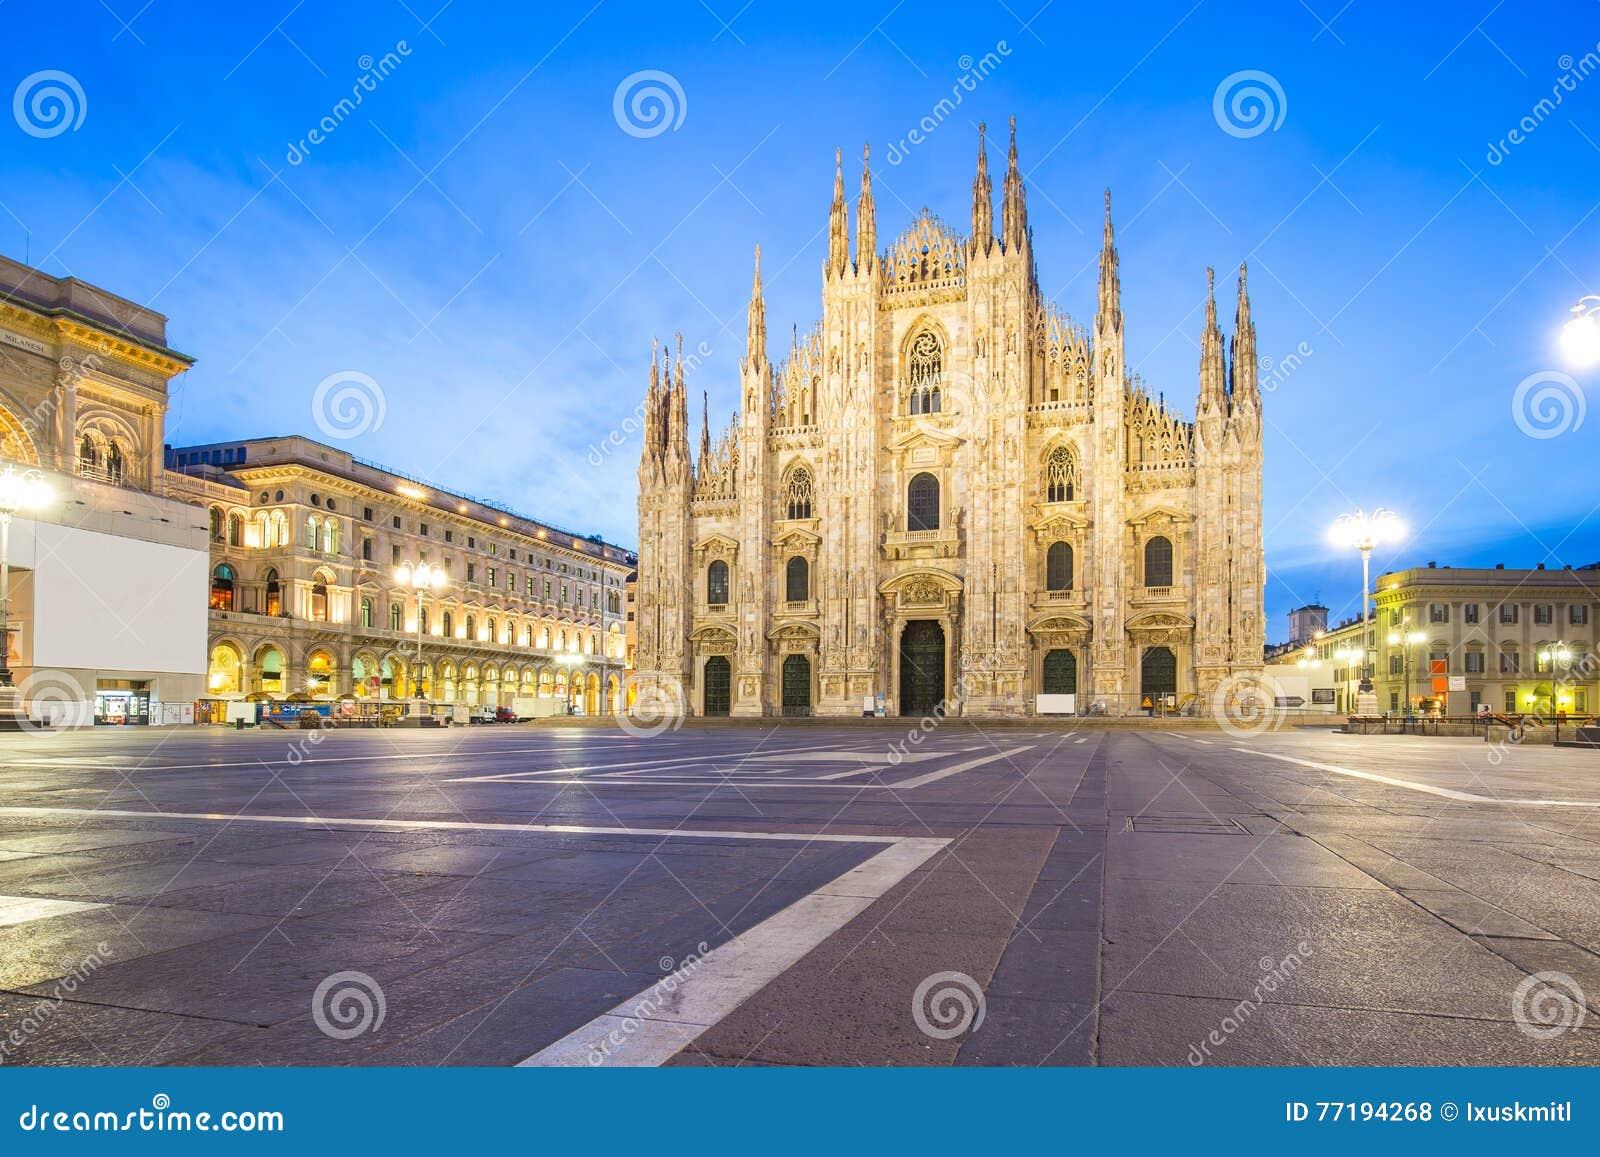 Το Duomo του καθεδρικού ναού του Μιλάνου στο Μιλάνο, Ιταλία